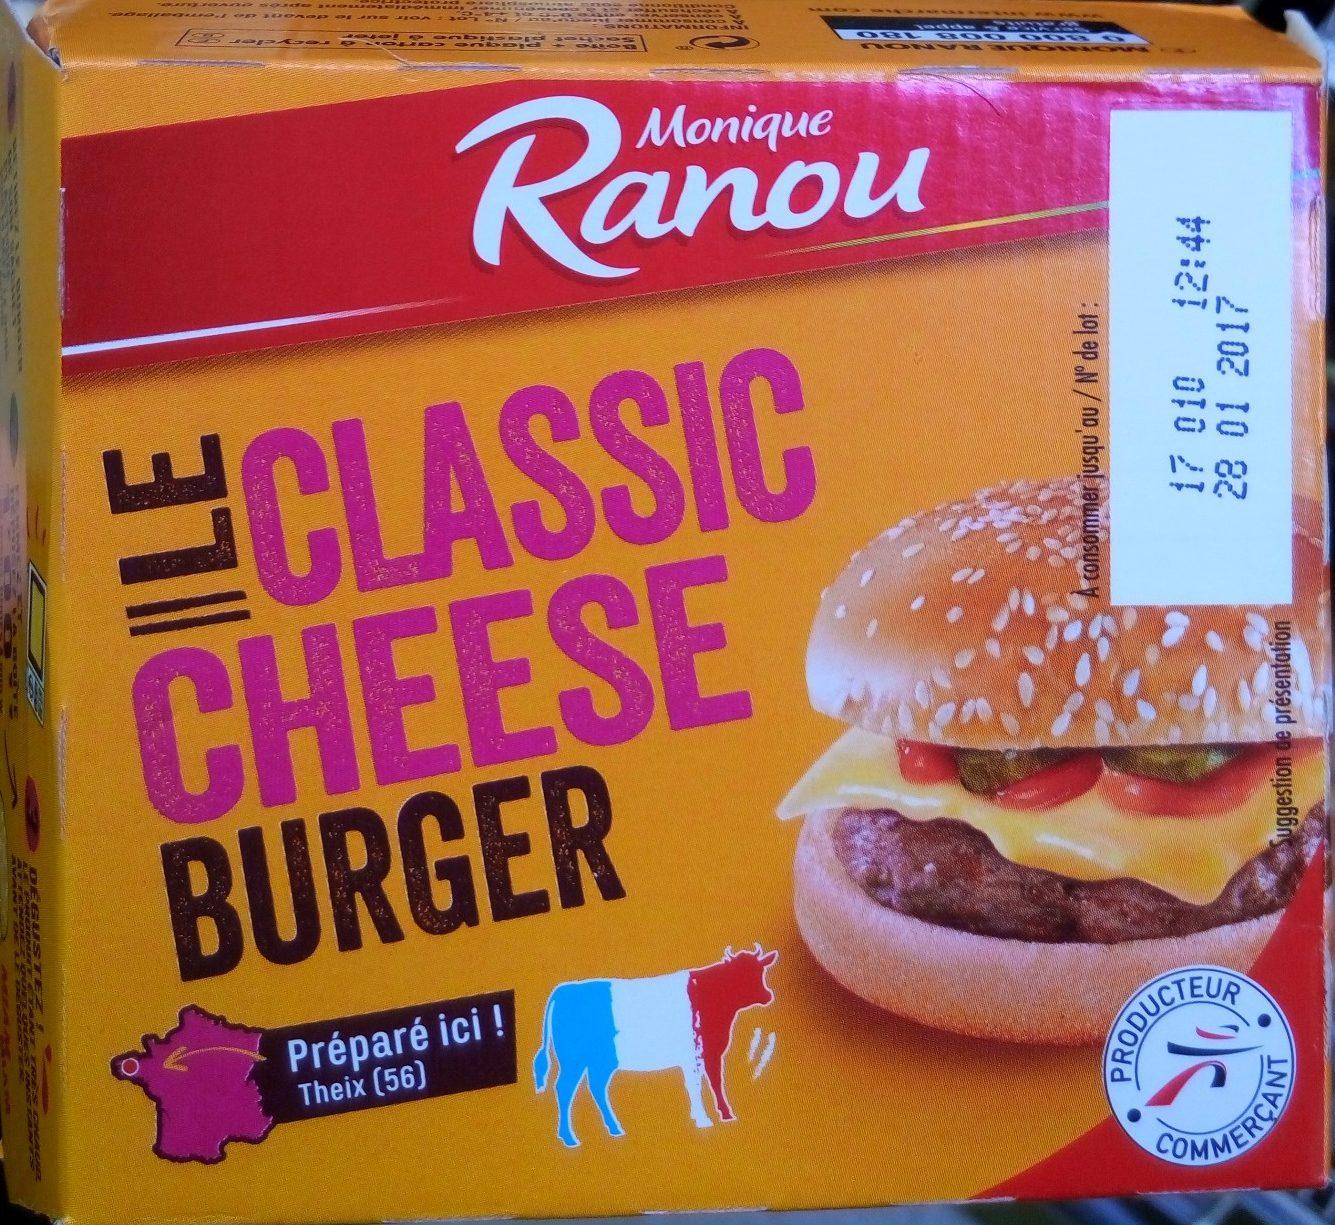 Le classic cheese burger - Produit - fr